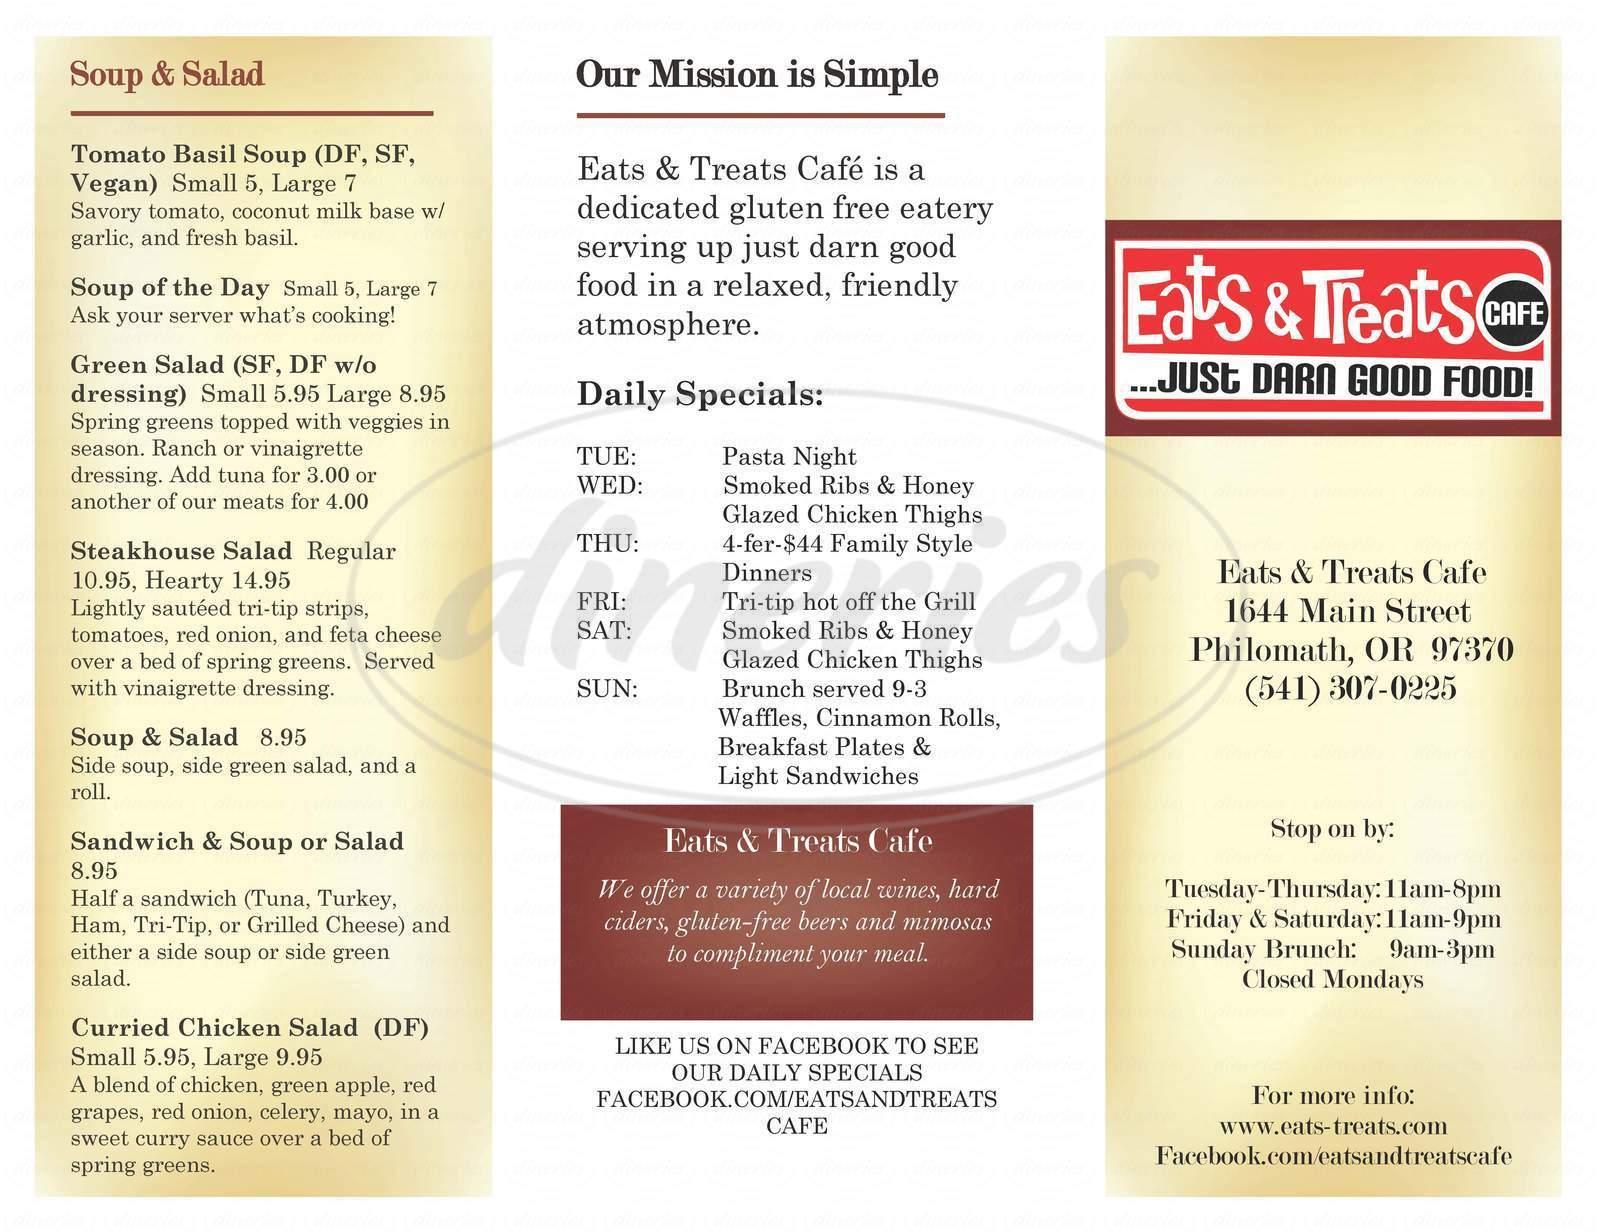 menu for Eats & Treats Cafe